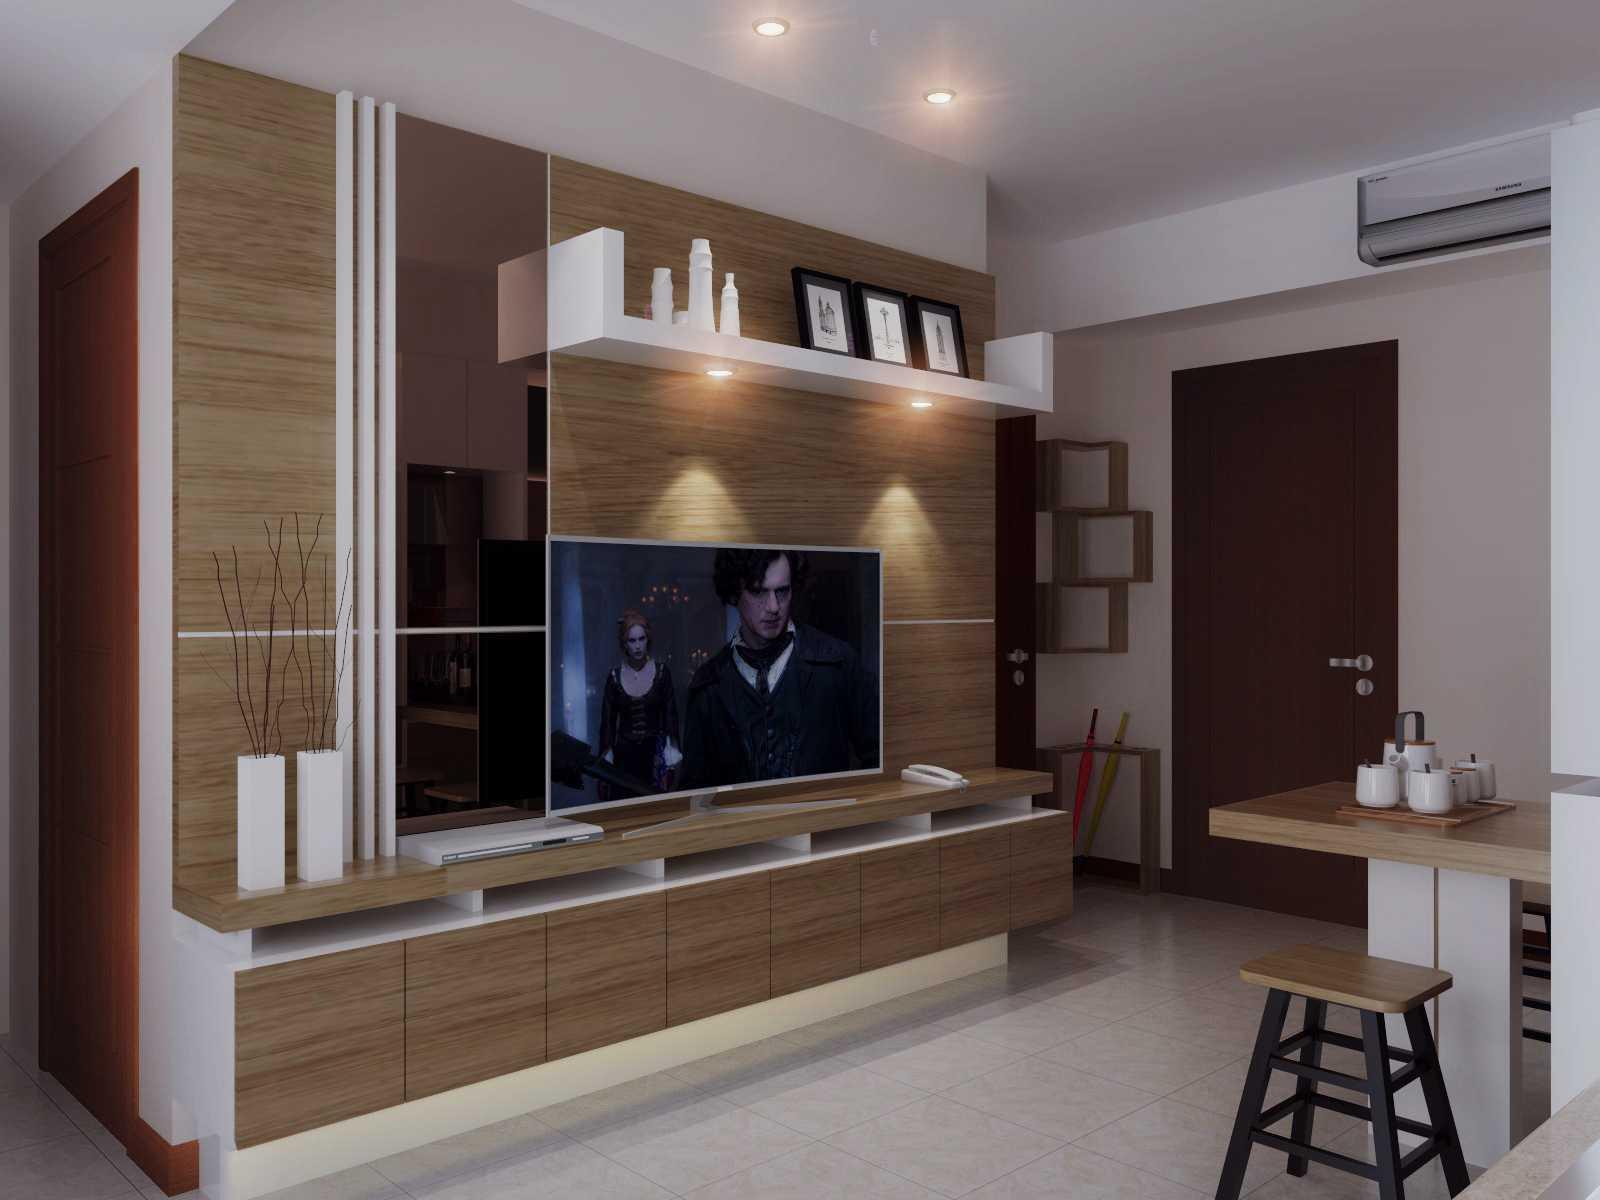 Mbartliving Interior Apartment Mediterania   Mbartliving-Interior-Apartment-Mediterania Contemporary <P>Tv Cabinet</p> 56458